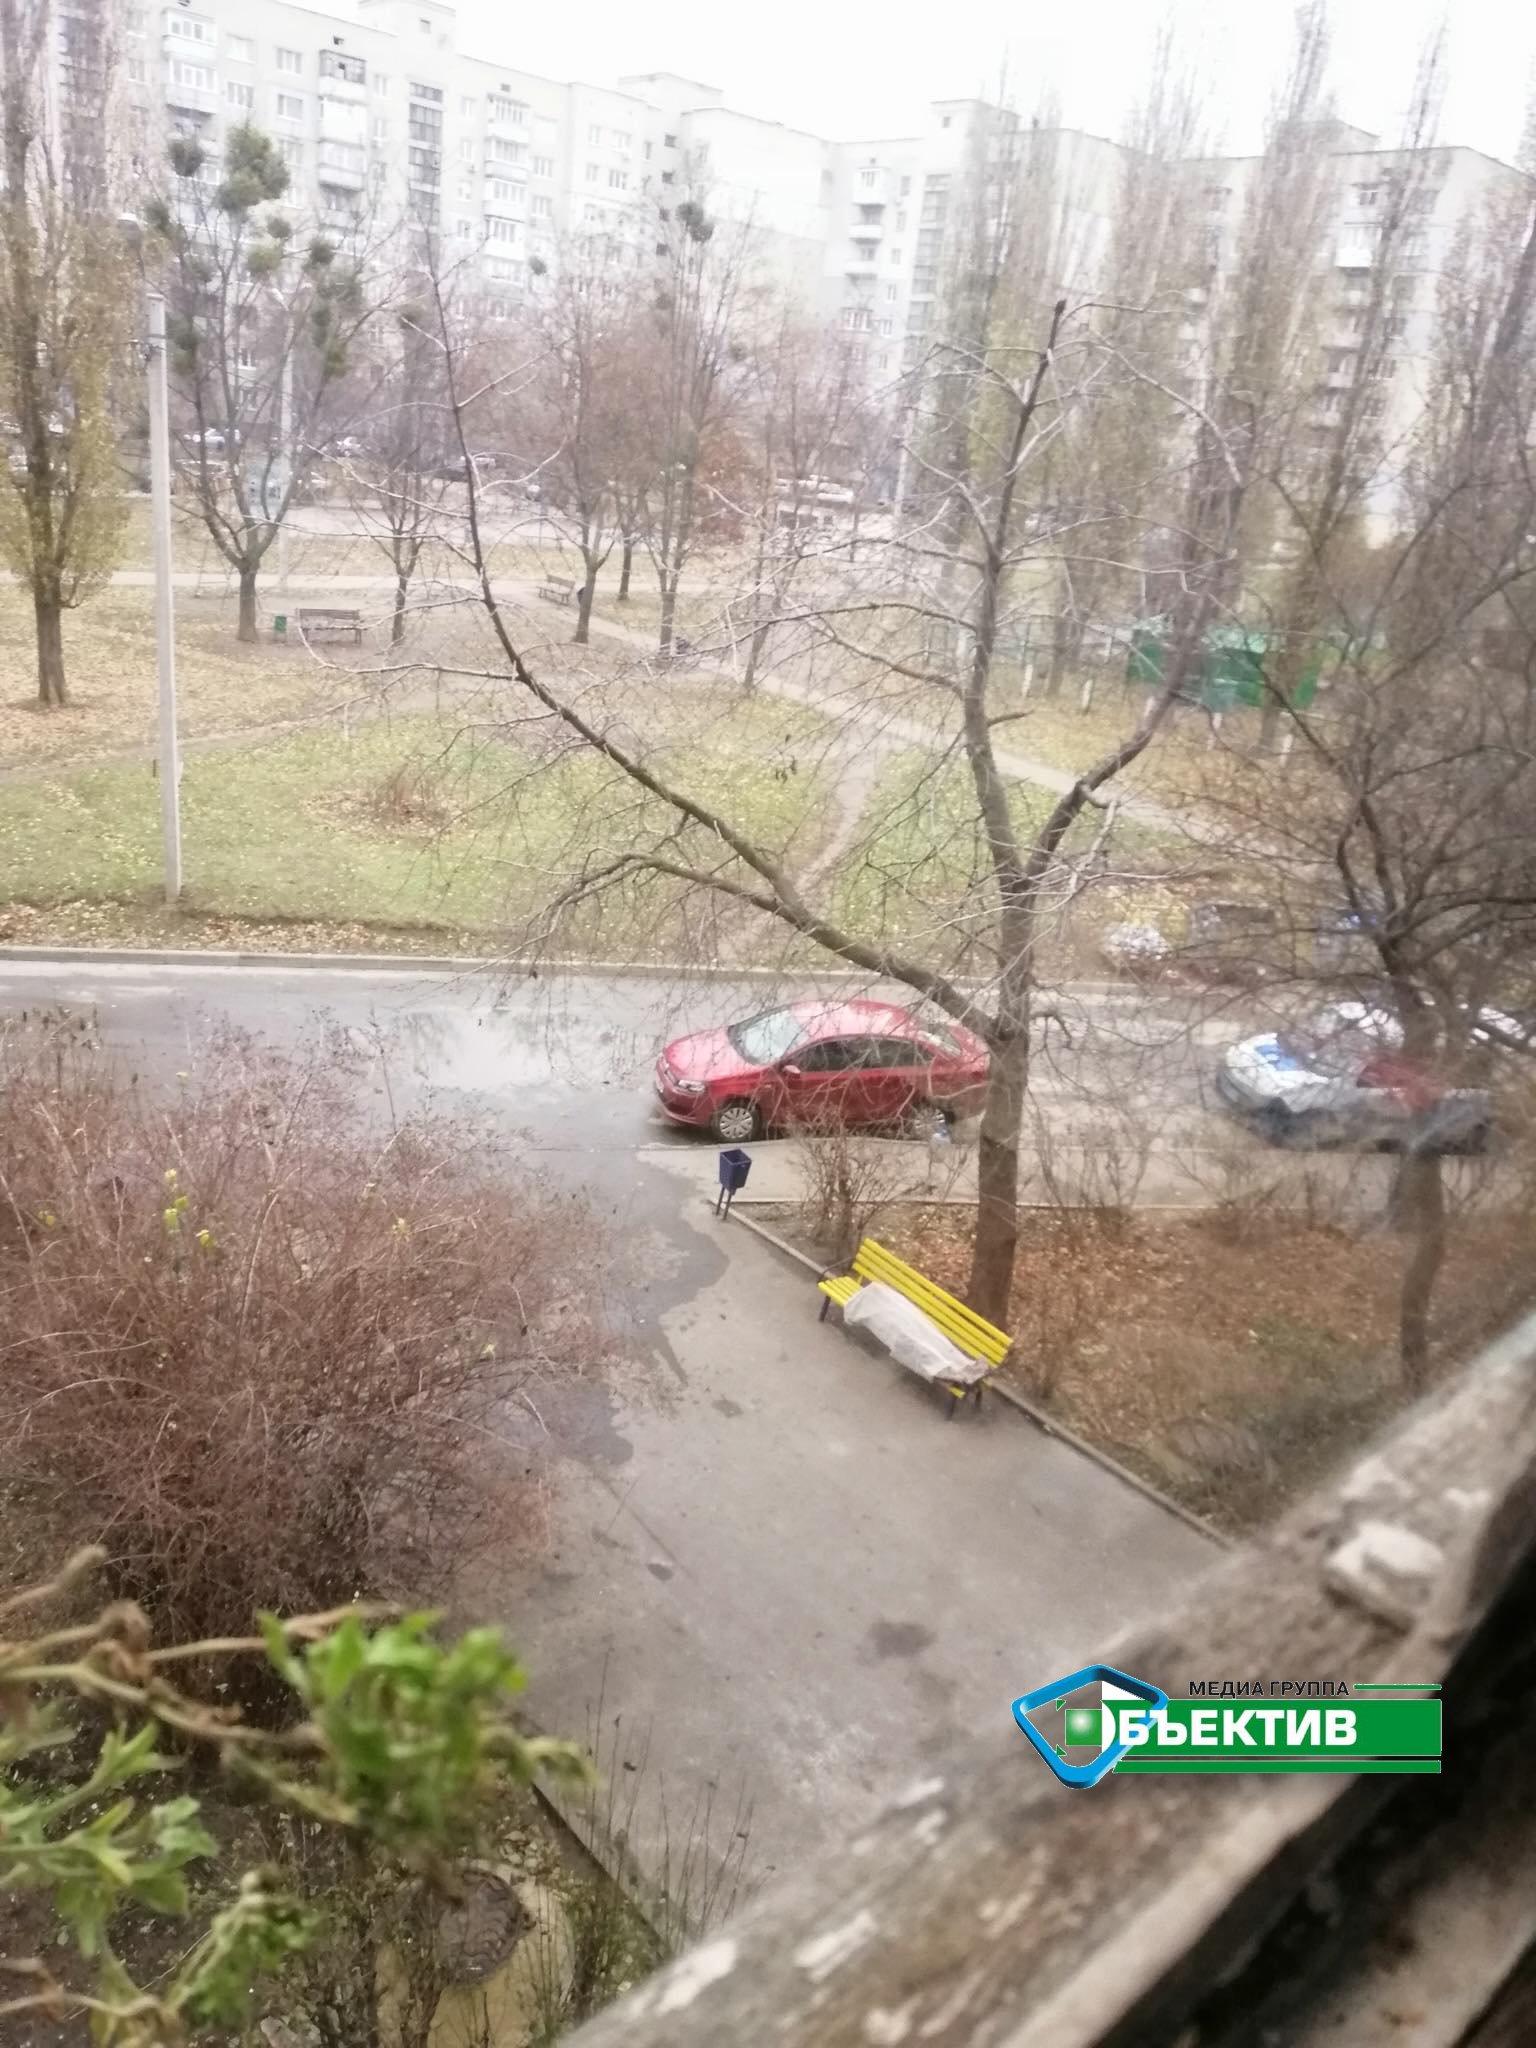 В Пятихатках на пожаре погиб человек. Его тело лежит на лавочке (фото)